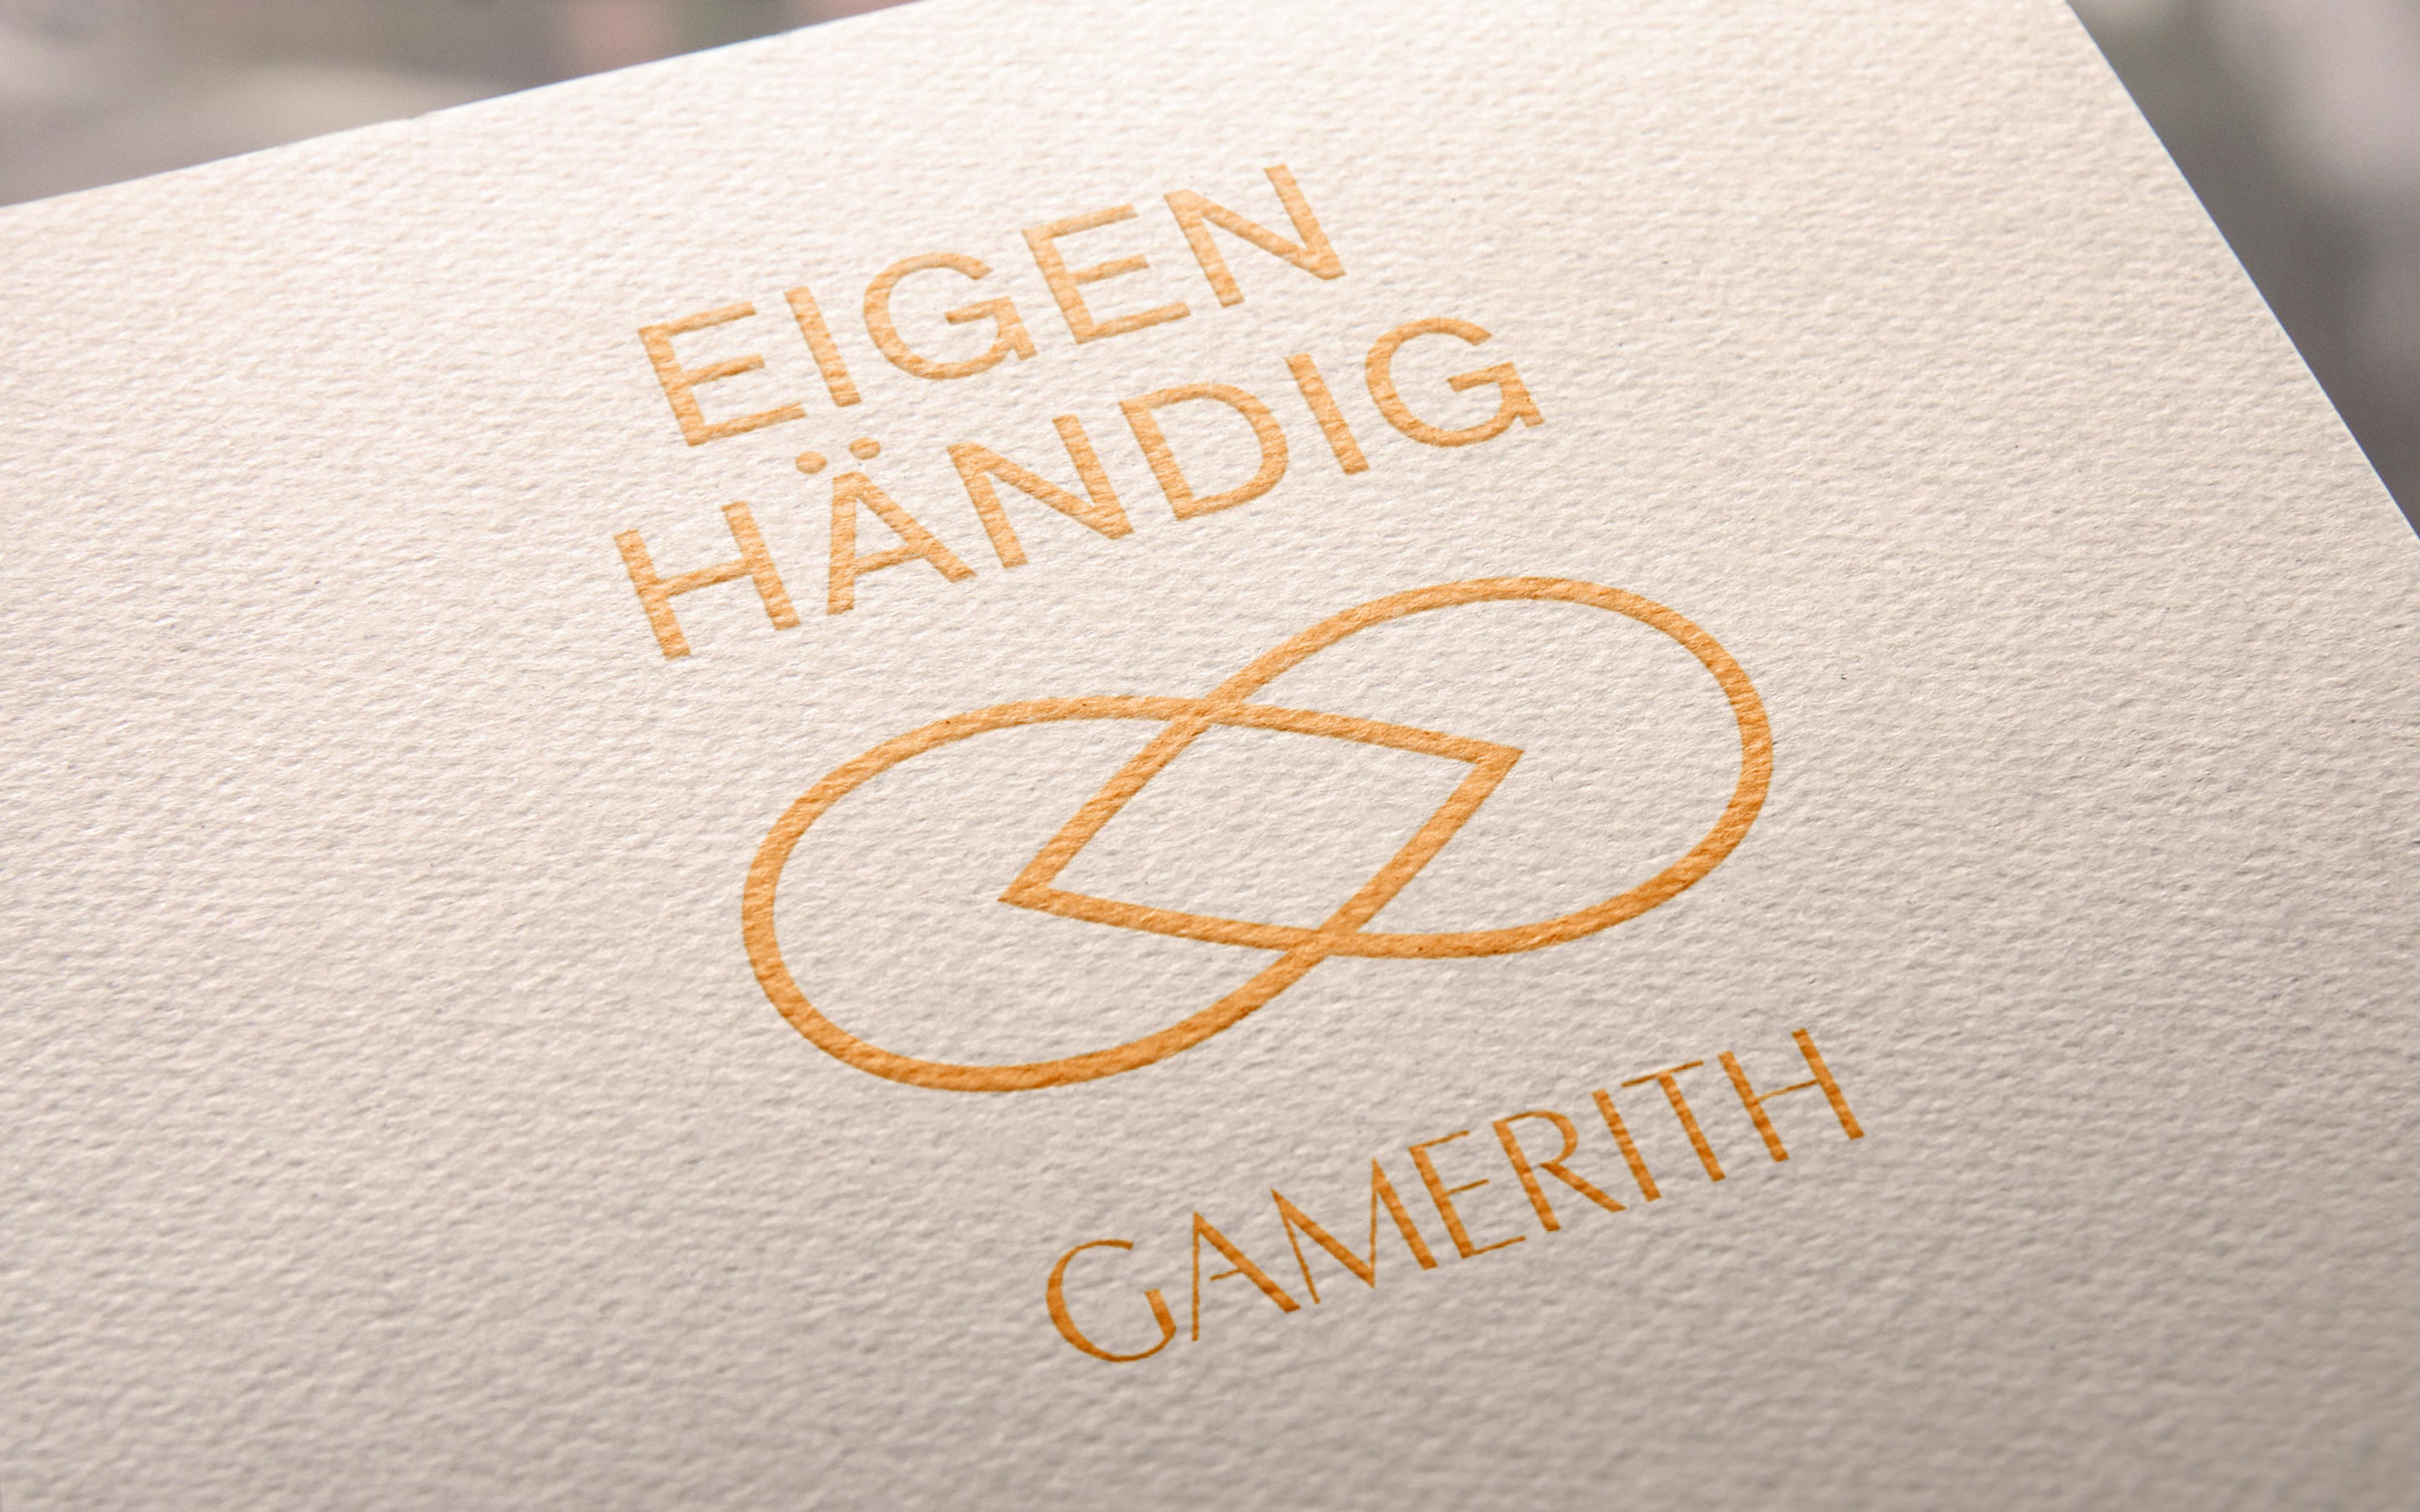 Logo für das Atelier Gamerith von der Werbeagentur look! design